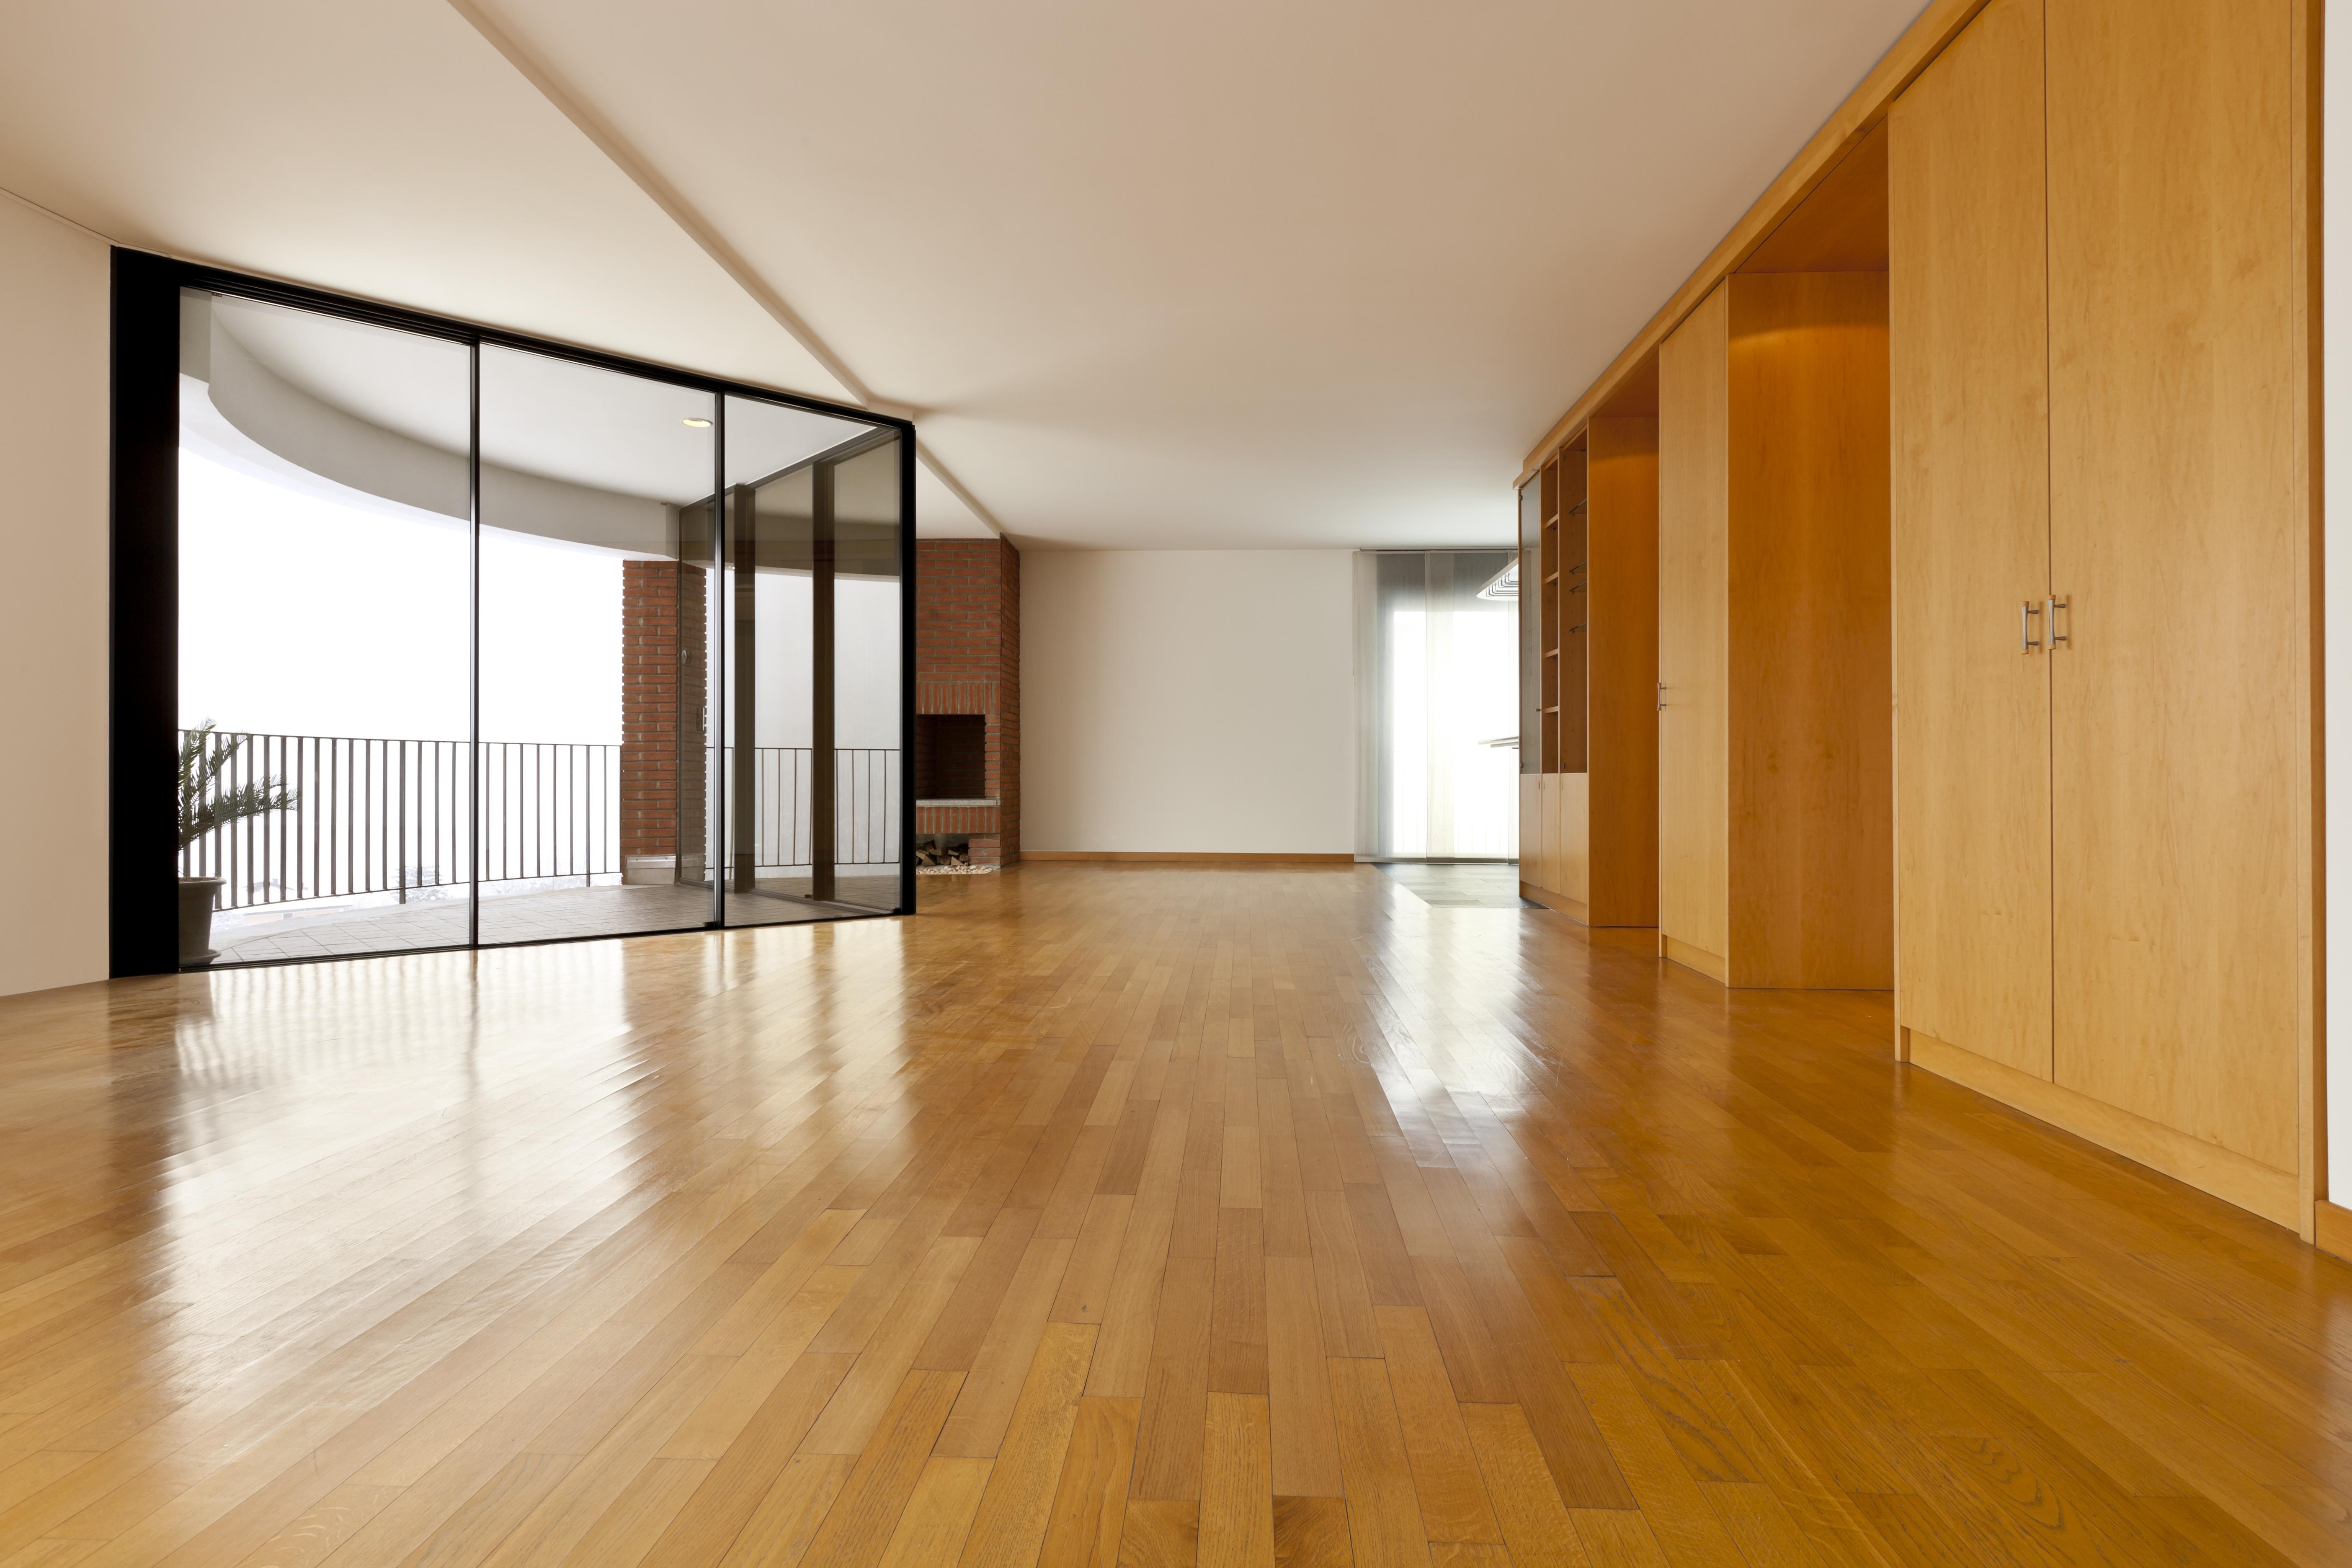 растут дизайн жилых помещений фото без мебели того, модель